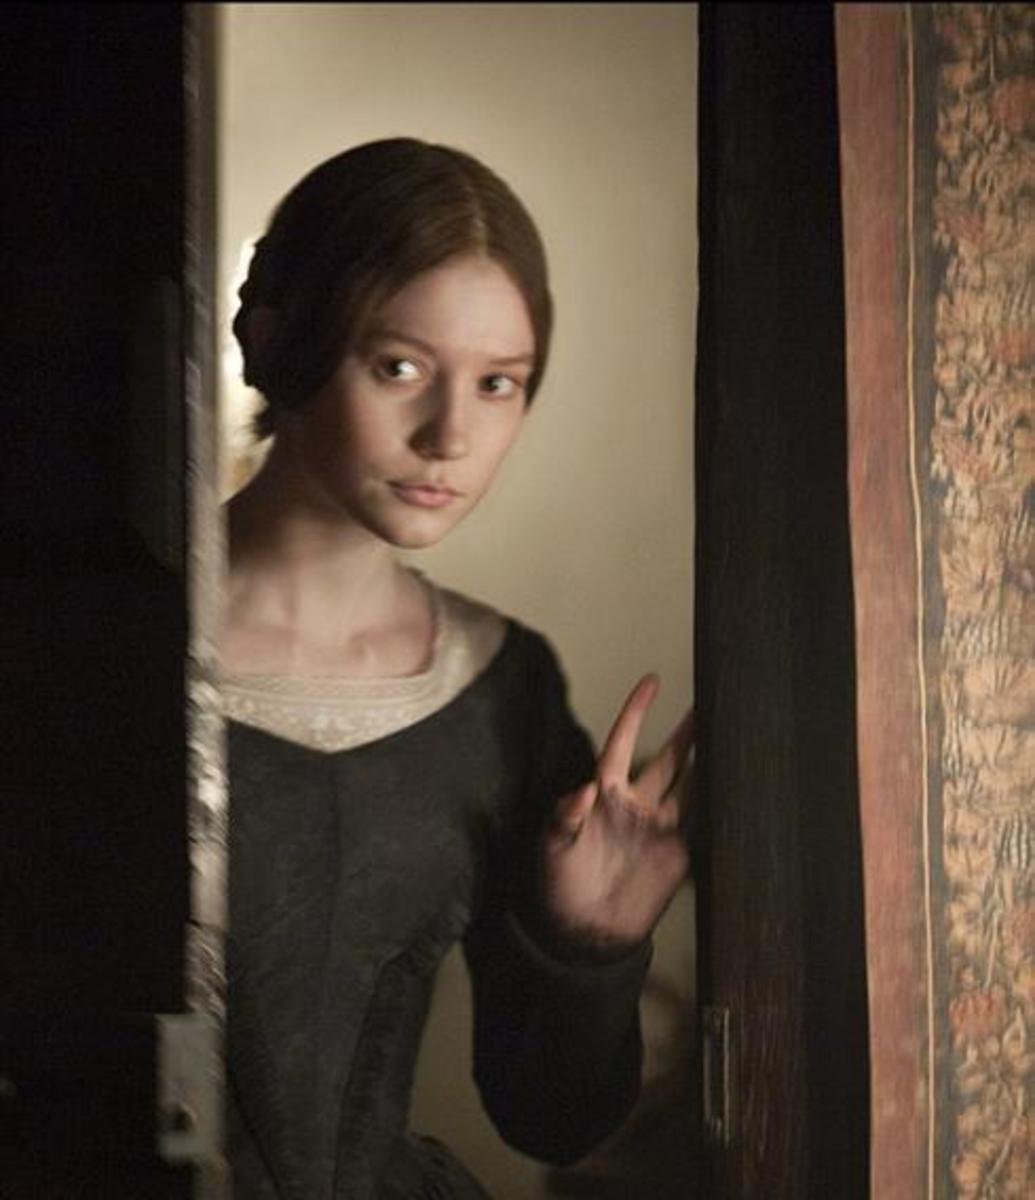 Mia Wasikowska, the next Jane